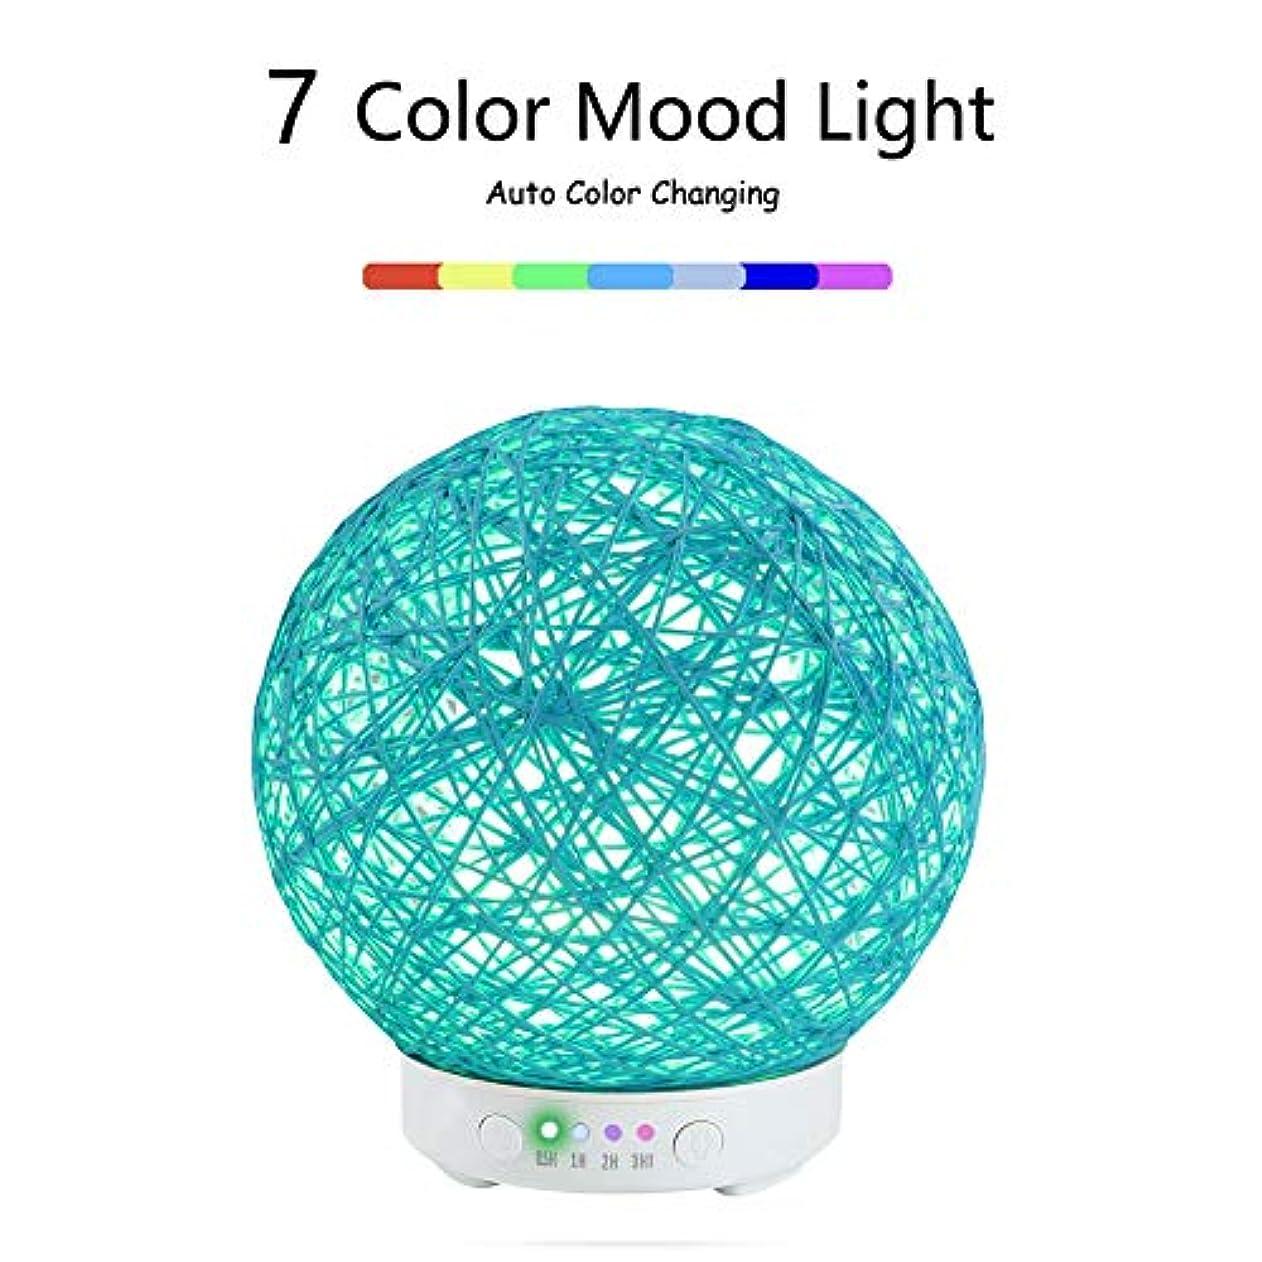 埋め込むアークグリル創造的な麻ロープアロマセラピーマシン、アロマエッセンシャルオイルクールな霧加湿器水なし自動7色LEDライト